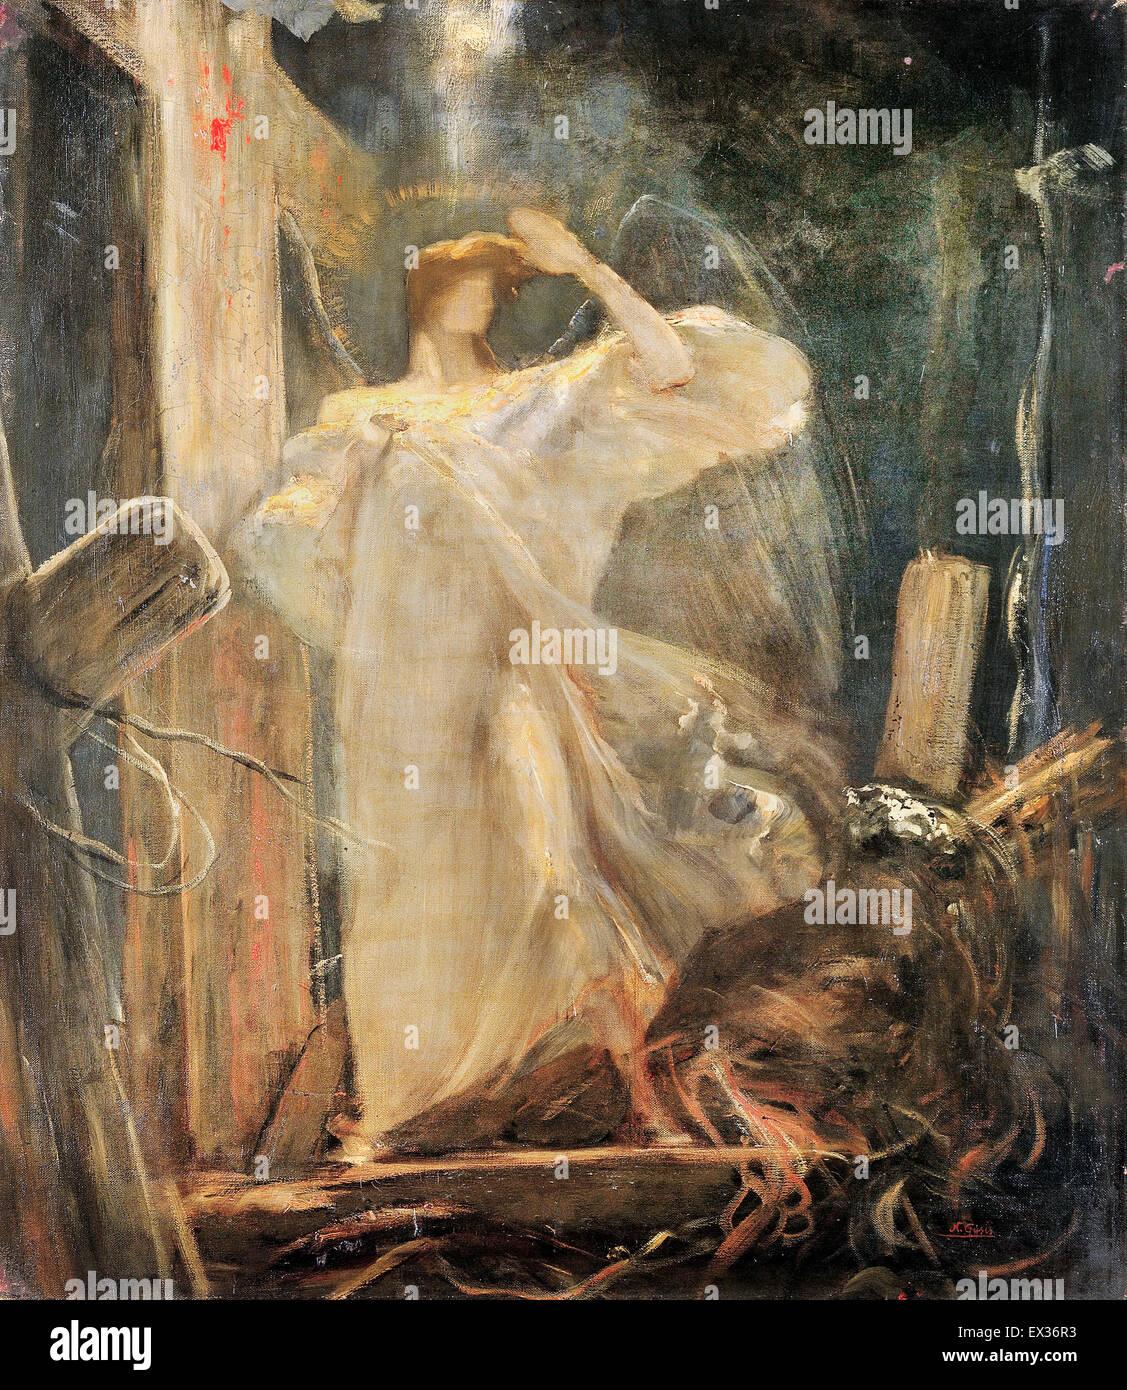 Nikolaos Gyzis, Arcángel, el estudio de la fundación de la fe. 1894-1895 Óleo sobre lienzo. Museo Imagen De Stock